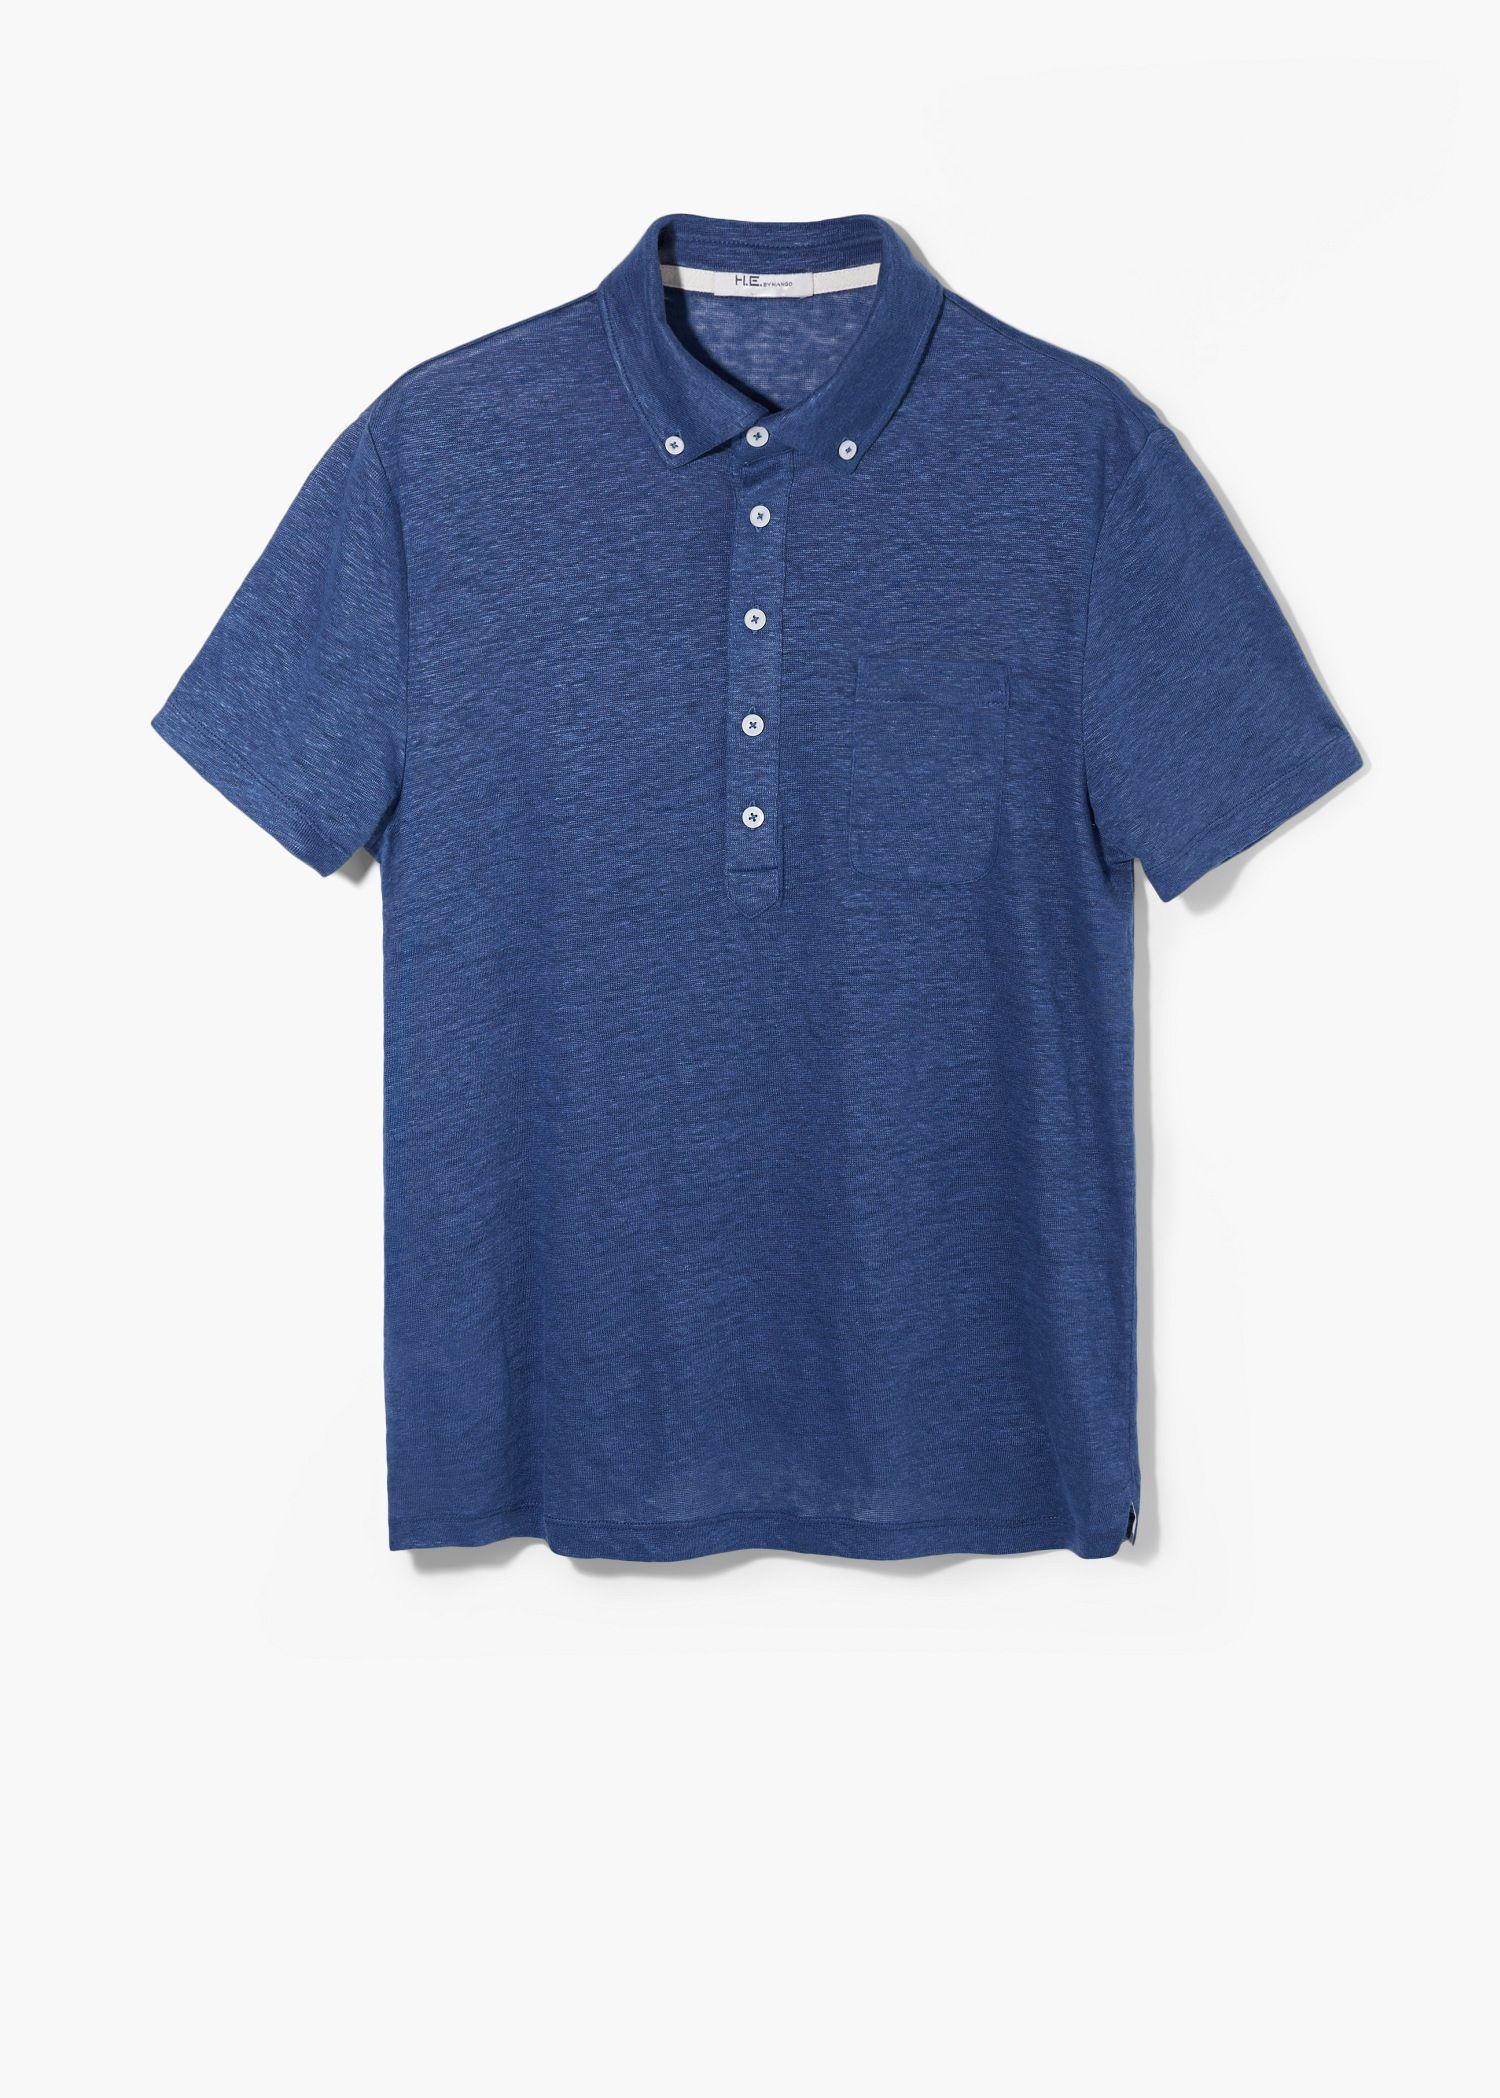 Chest Pocket Linen Polo Shirt Man Ss16 Pinterest Polo Shirt